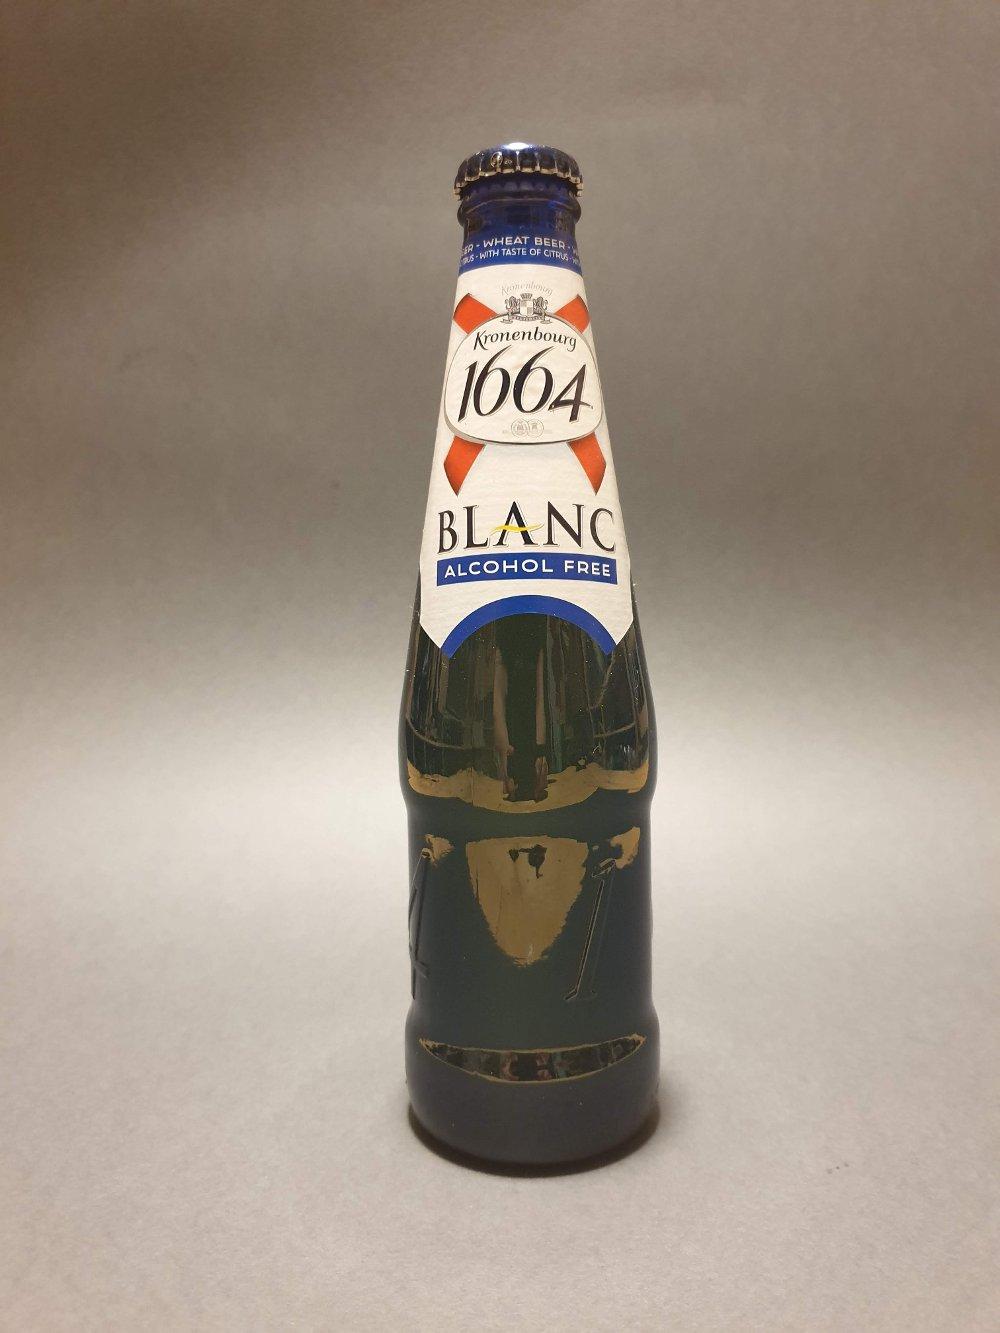 Klikk på bildet for å forstørre. 1664 Blanc AF